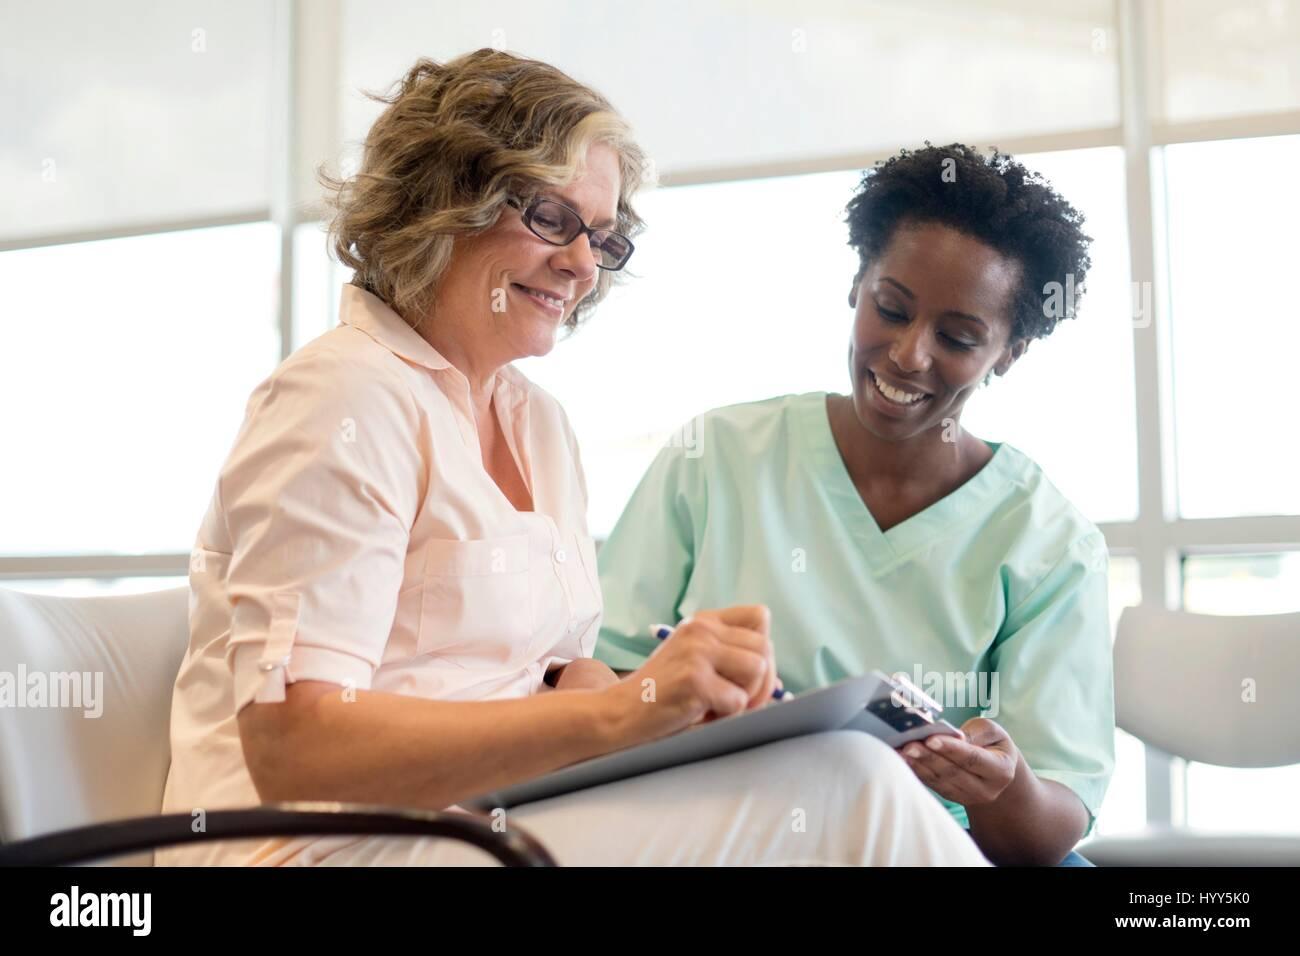 Femme mature de remplir le formulaire avec une infirmière, souriante. Photo Stock